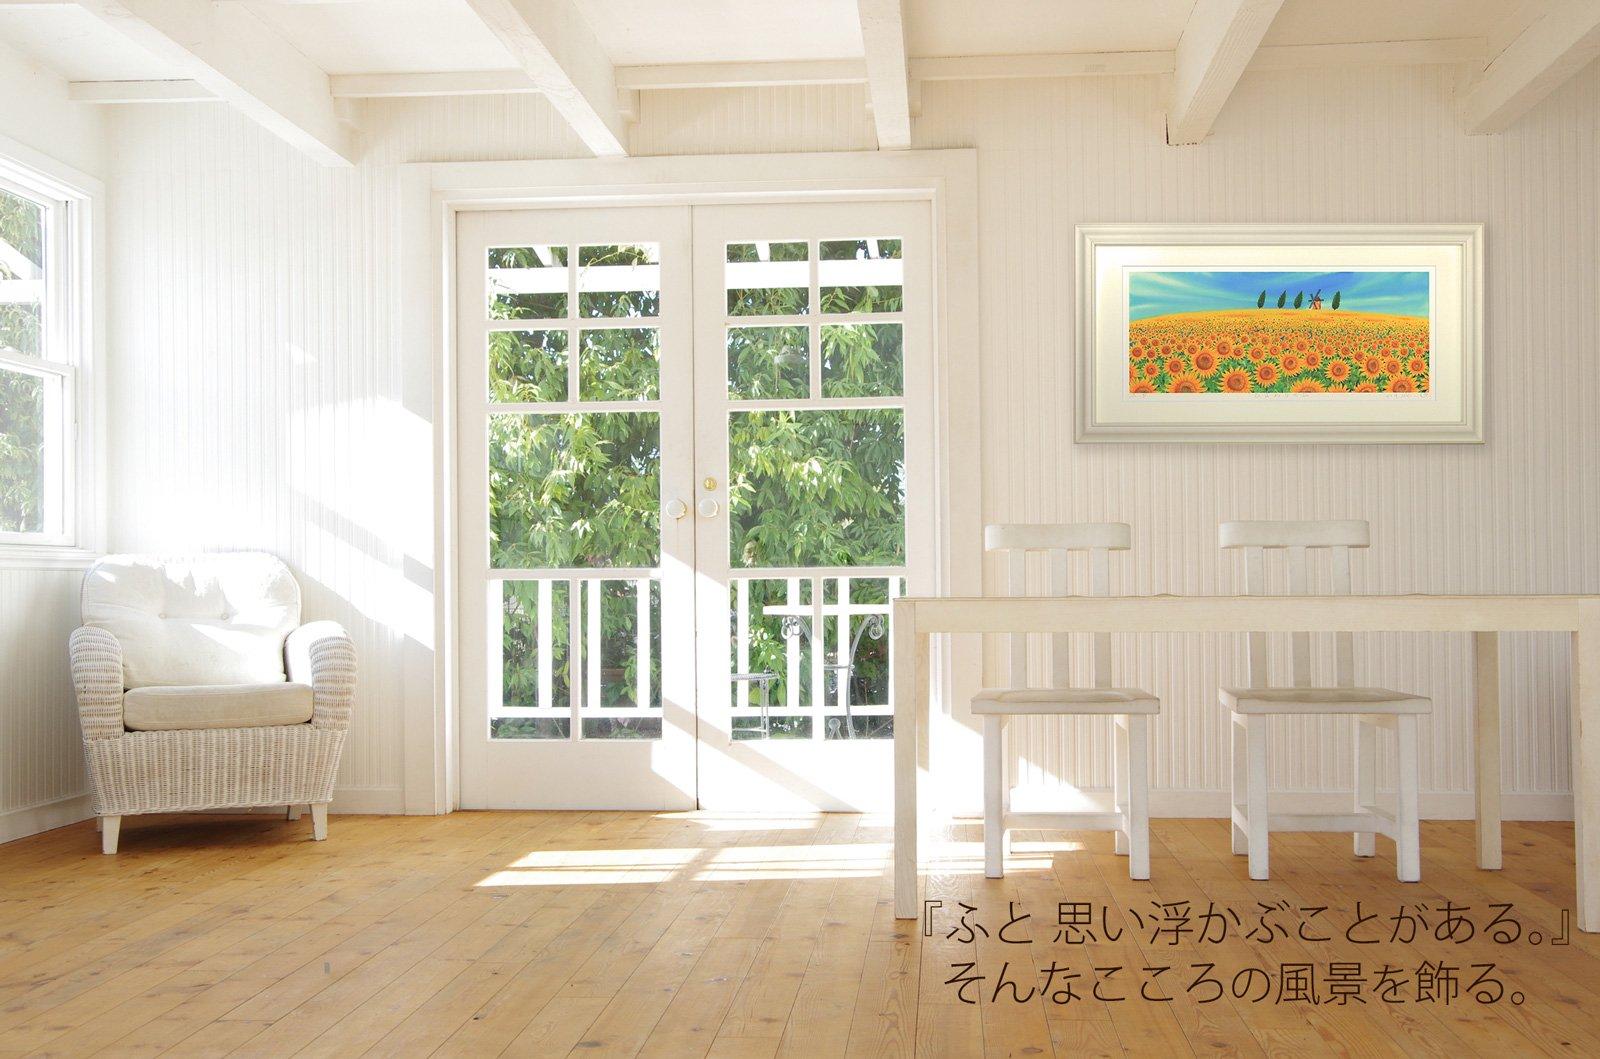 《絵画 水彩画》秋桜〔栗乃木ハルミ くりのきはるみ 〕